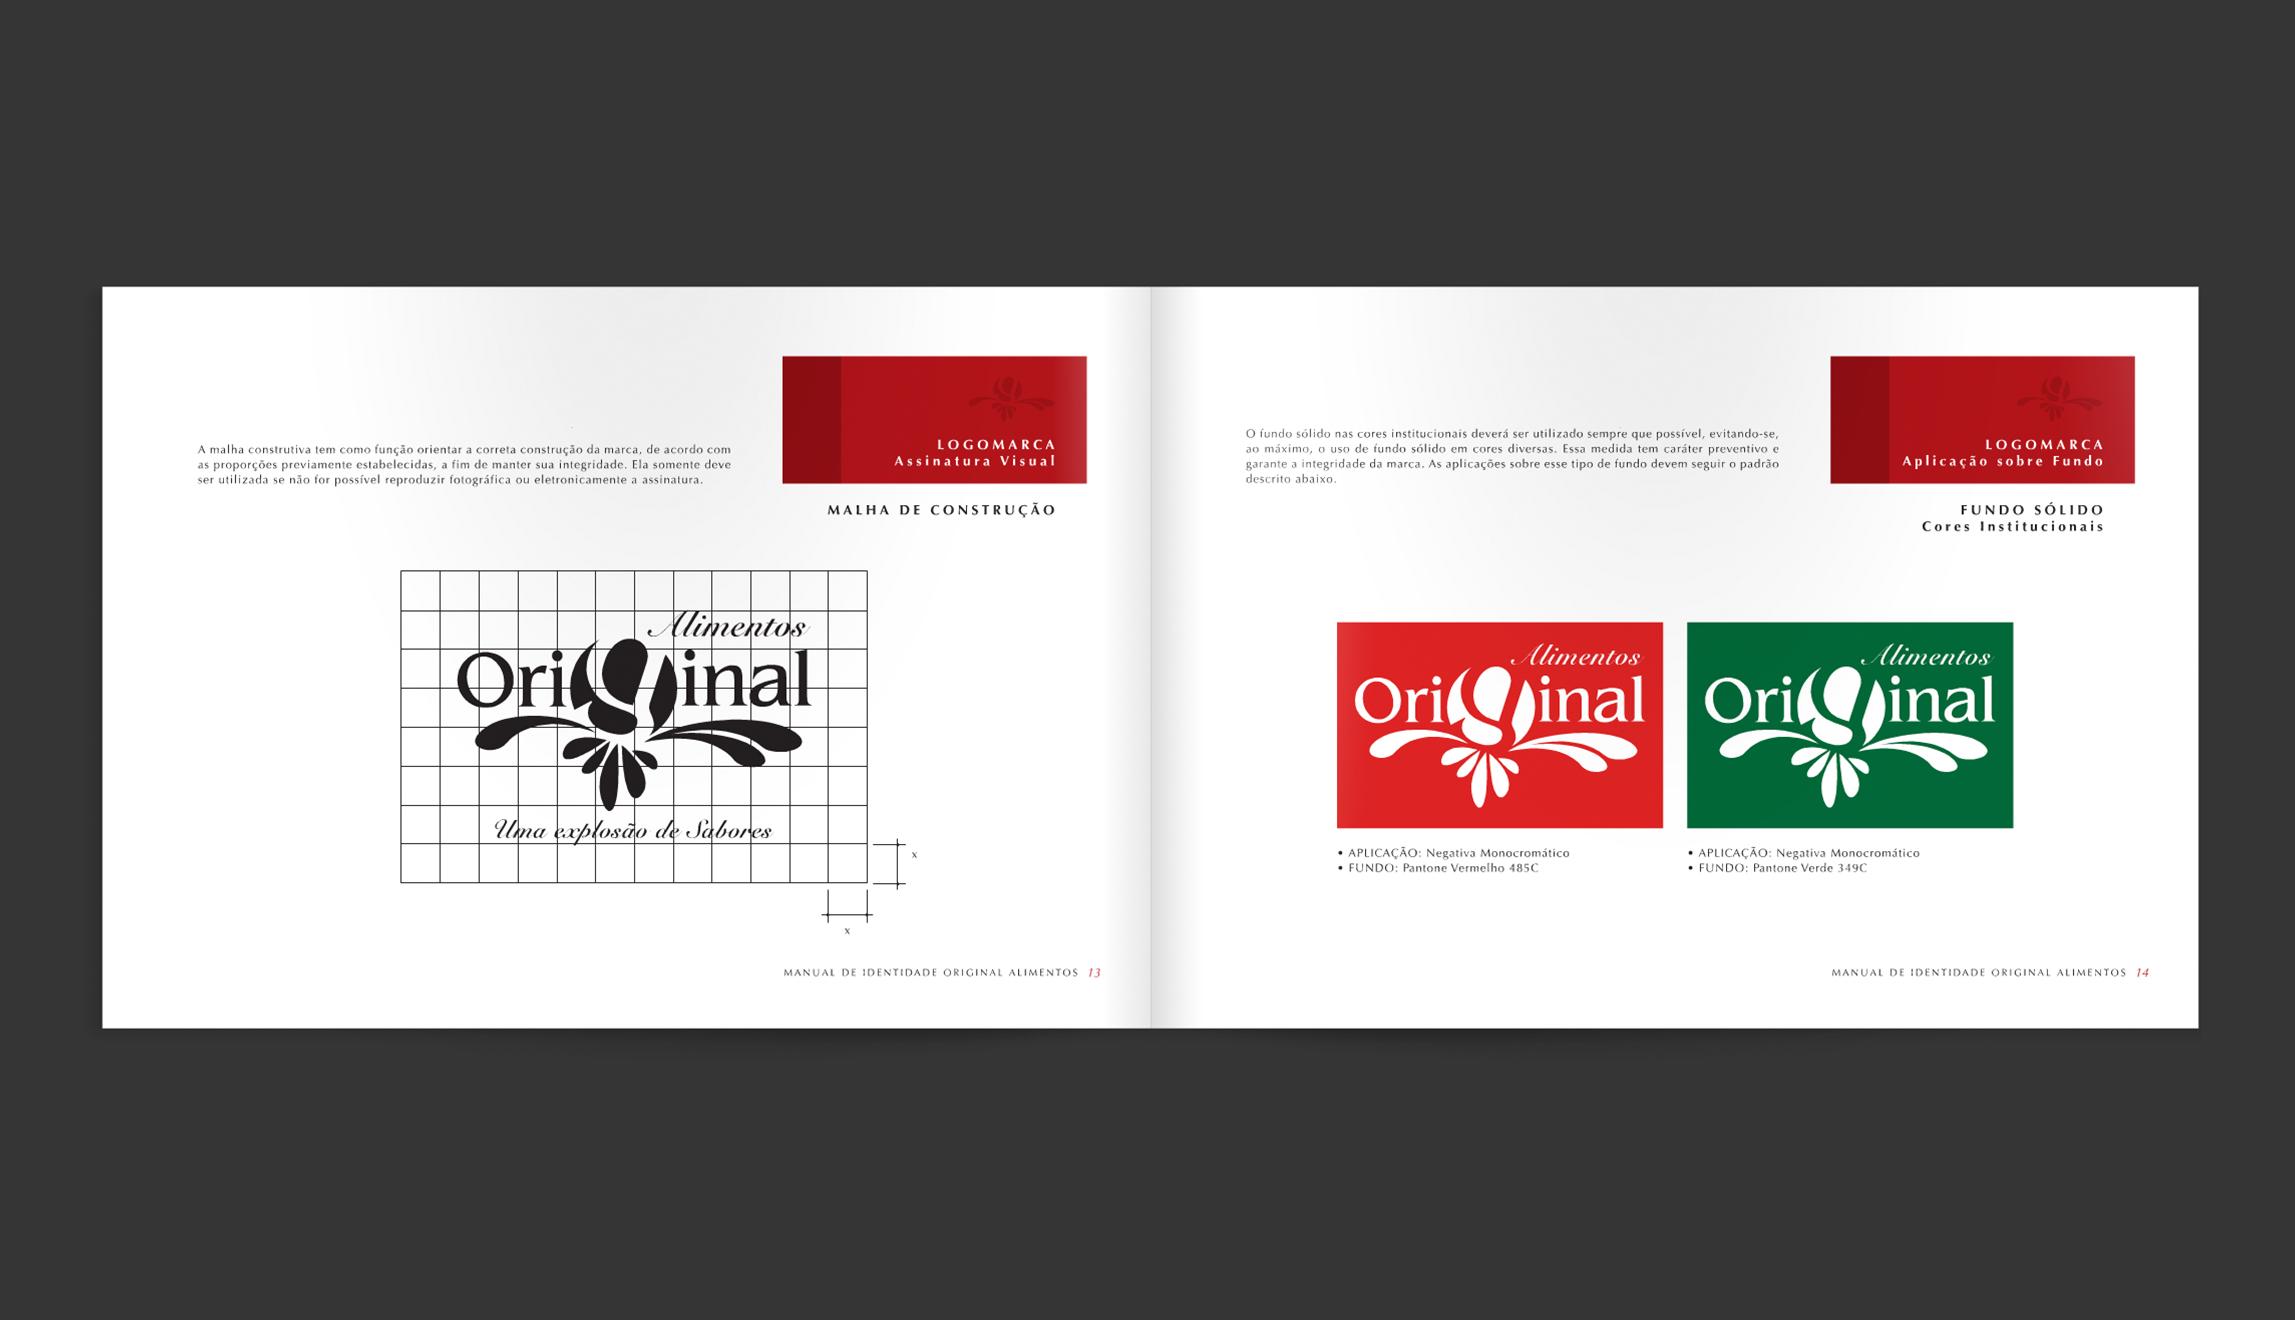 Manual-Original-7